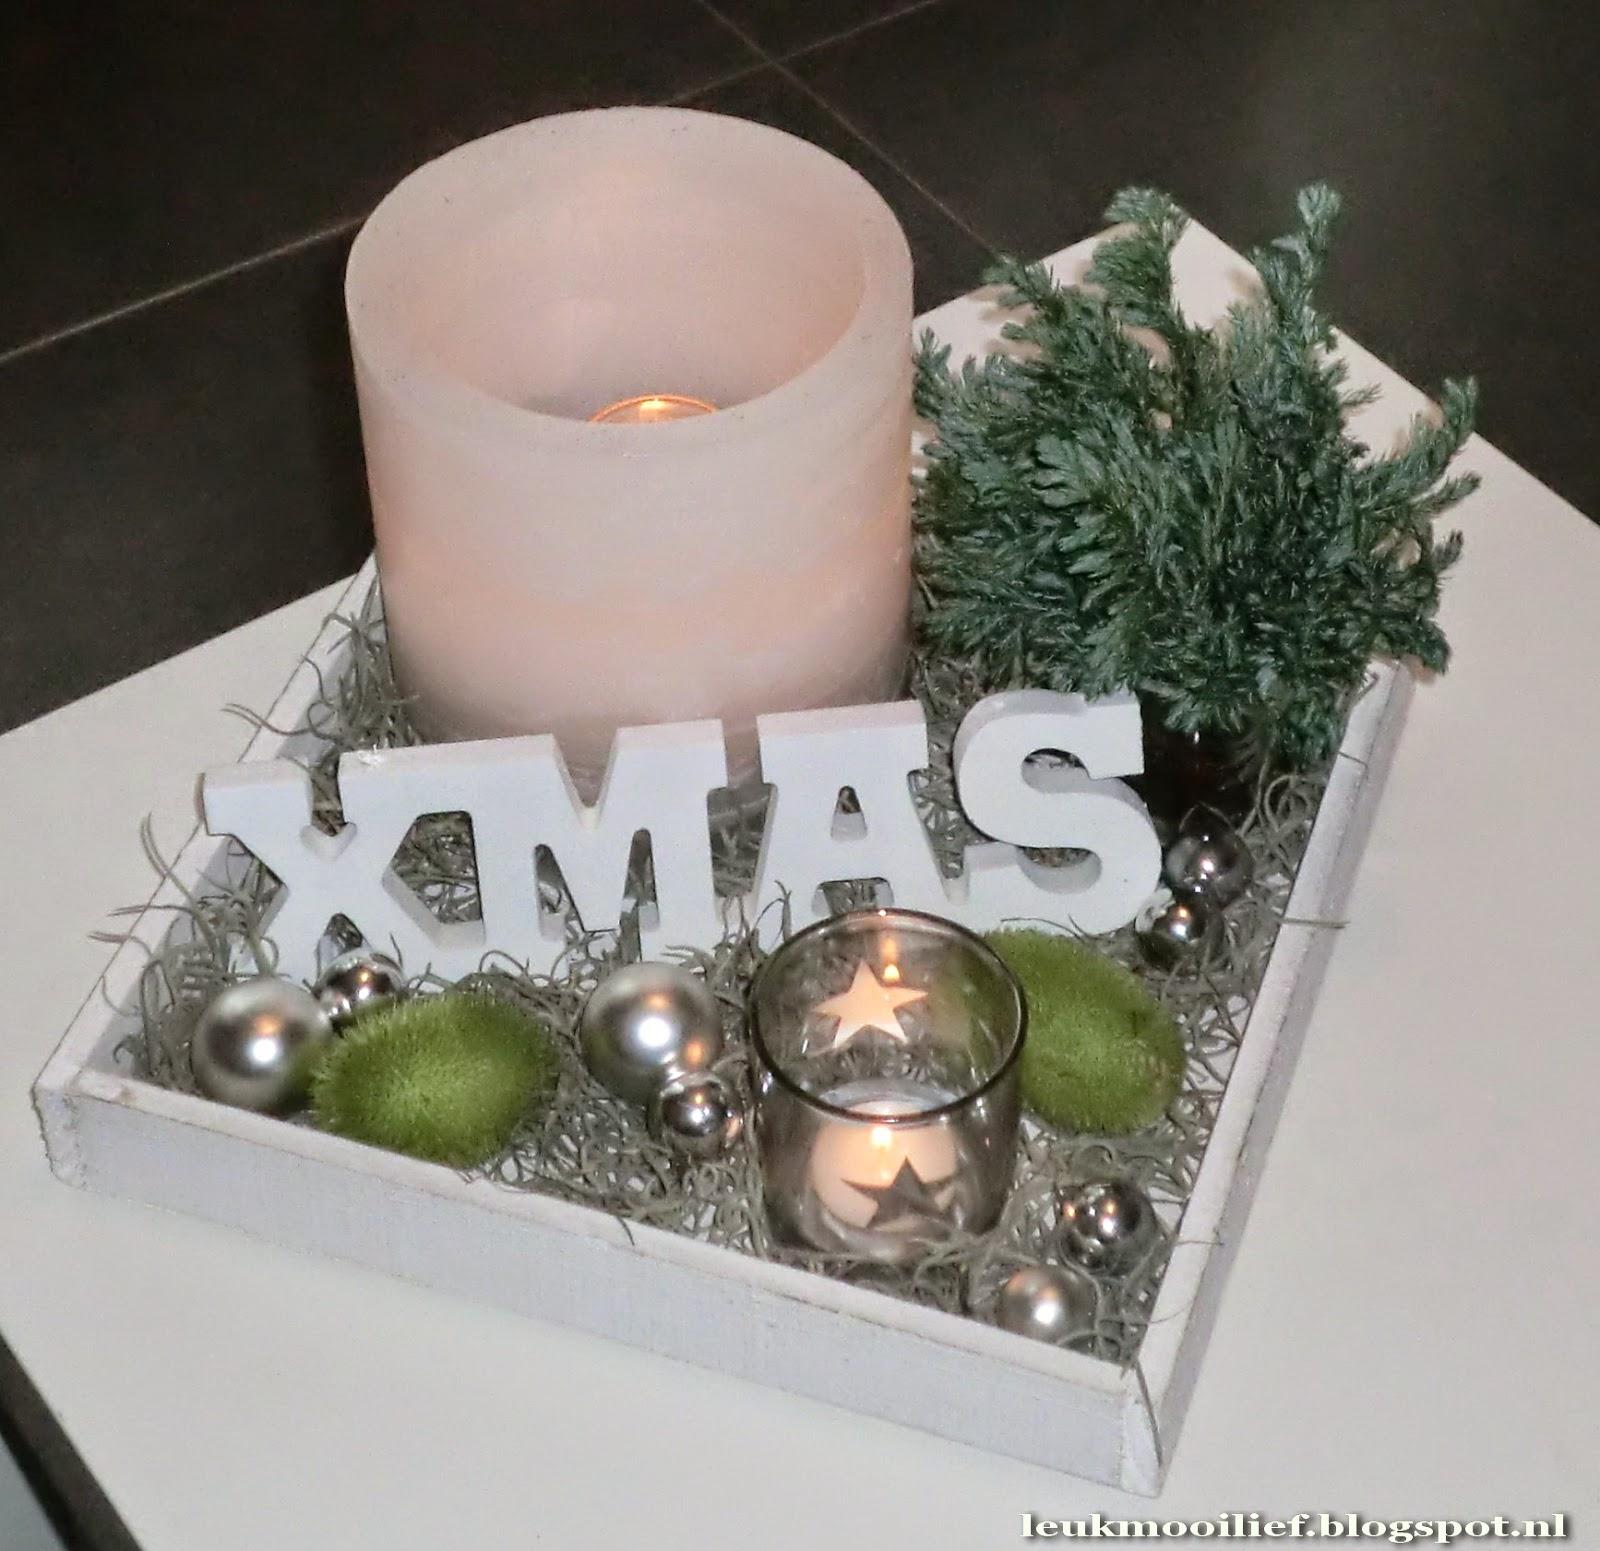 Leuk mooi lief kerst decoratie binnen en buiten - Ad decoratie binnen ...